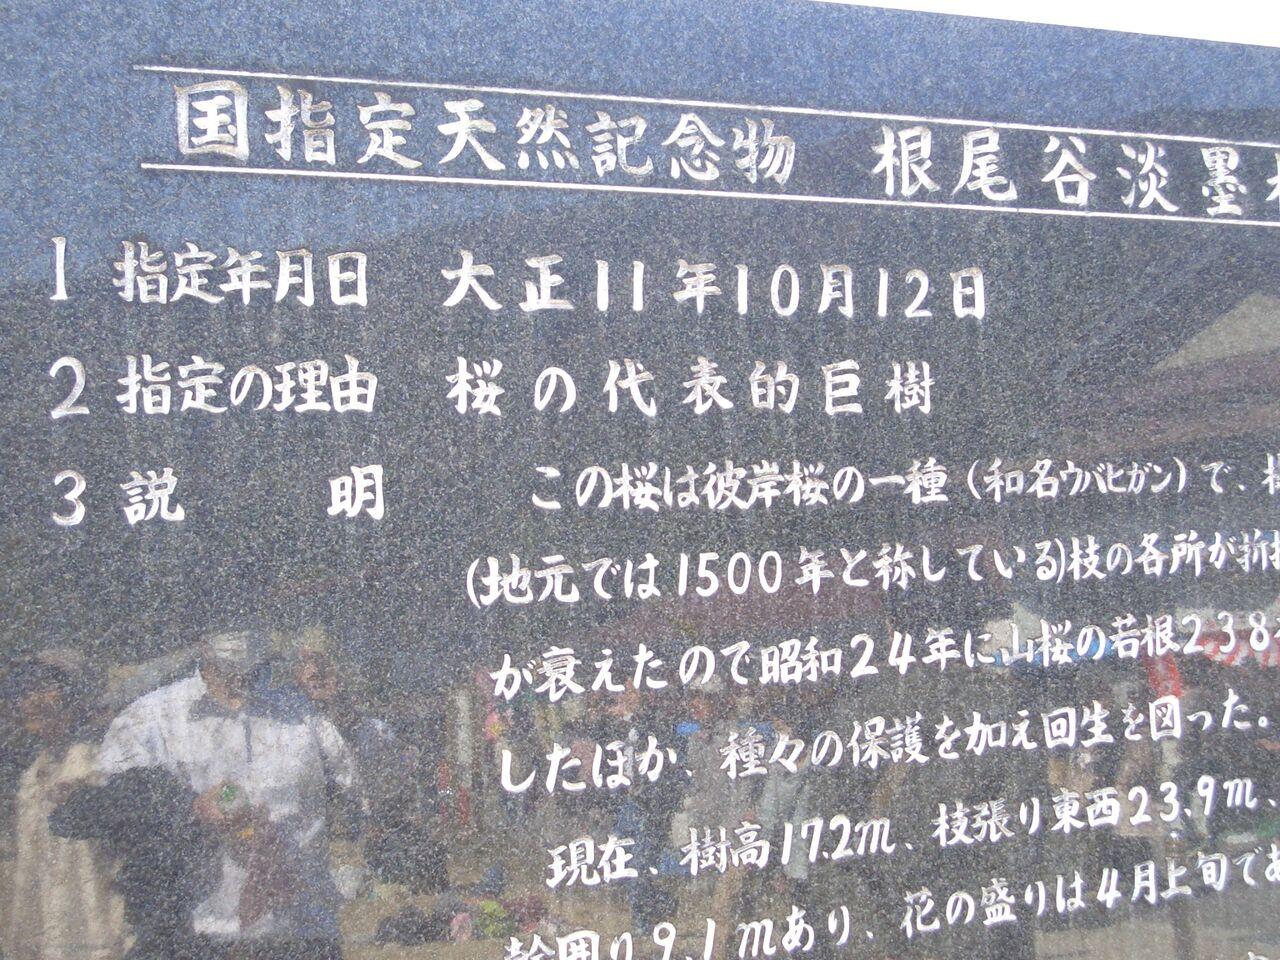 国指定天然記念物の説明板